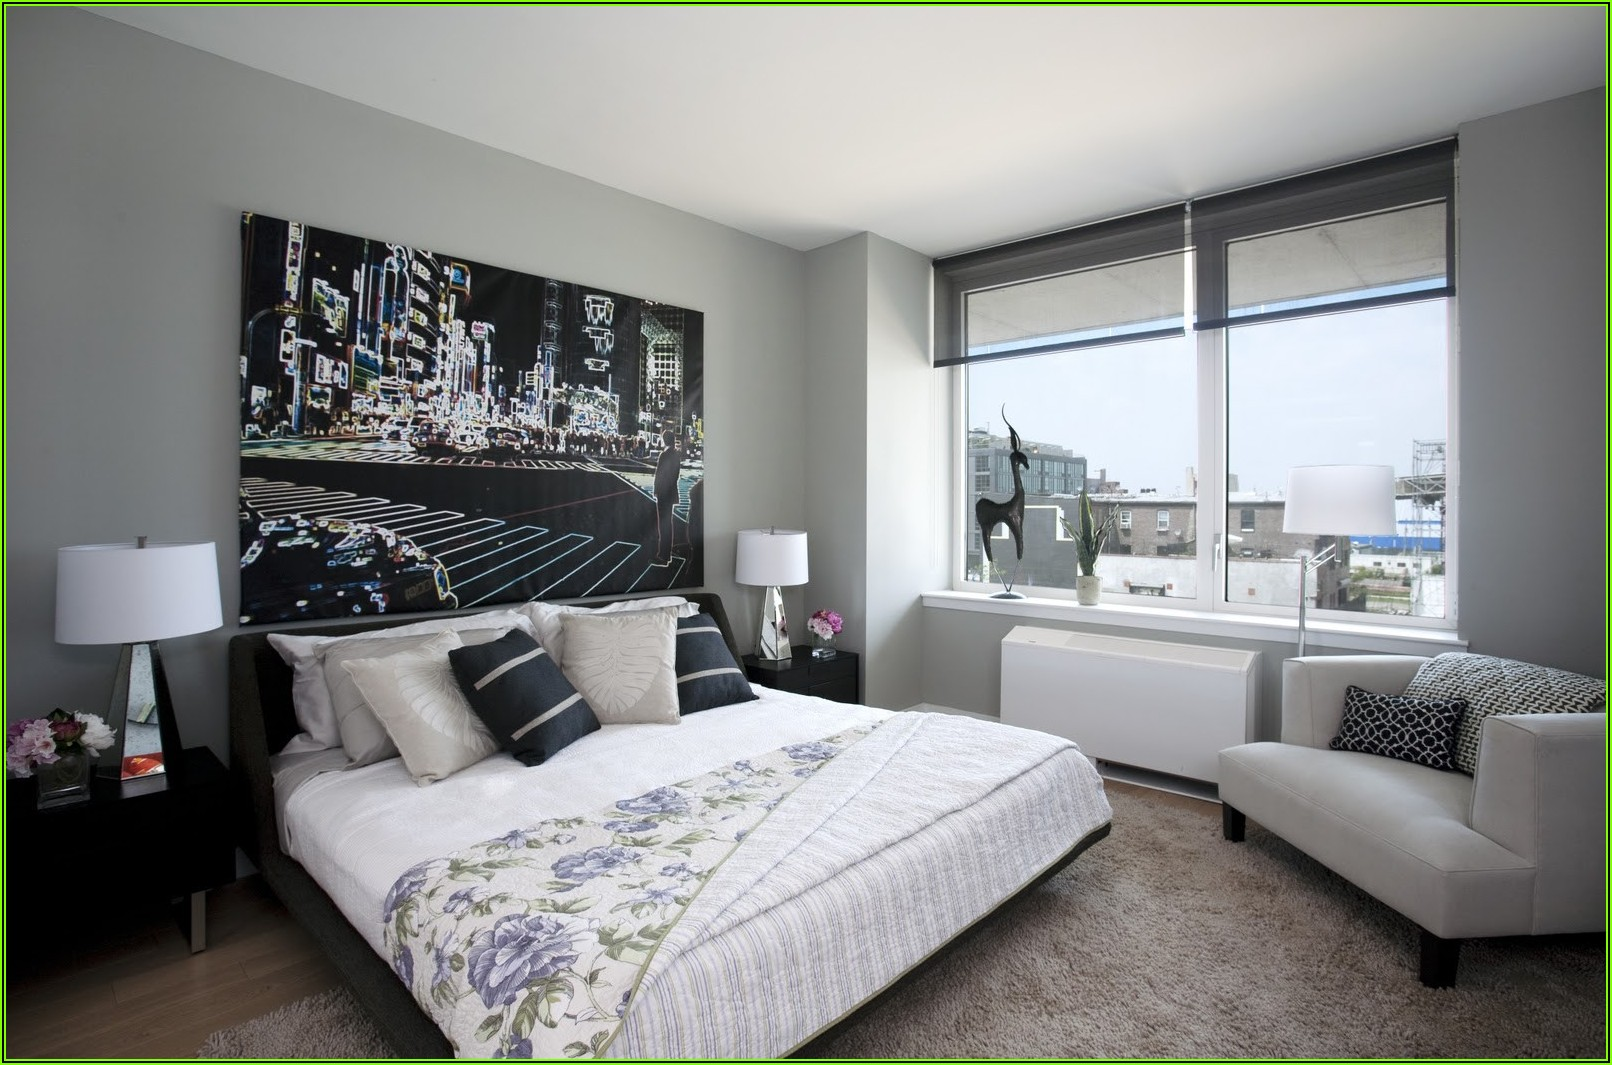 Schlafzimmer Deko Ideen Grau